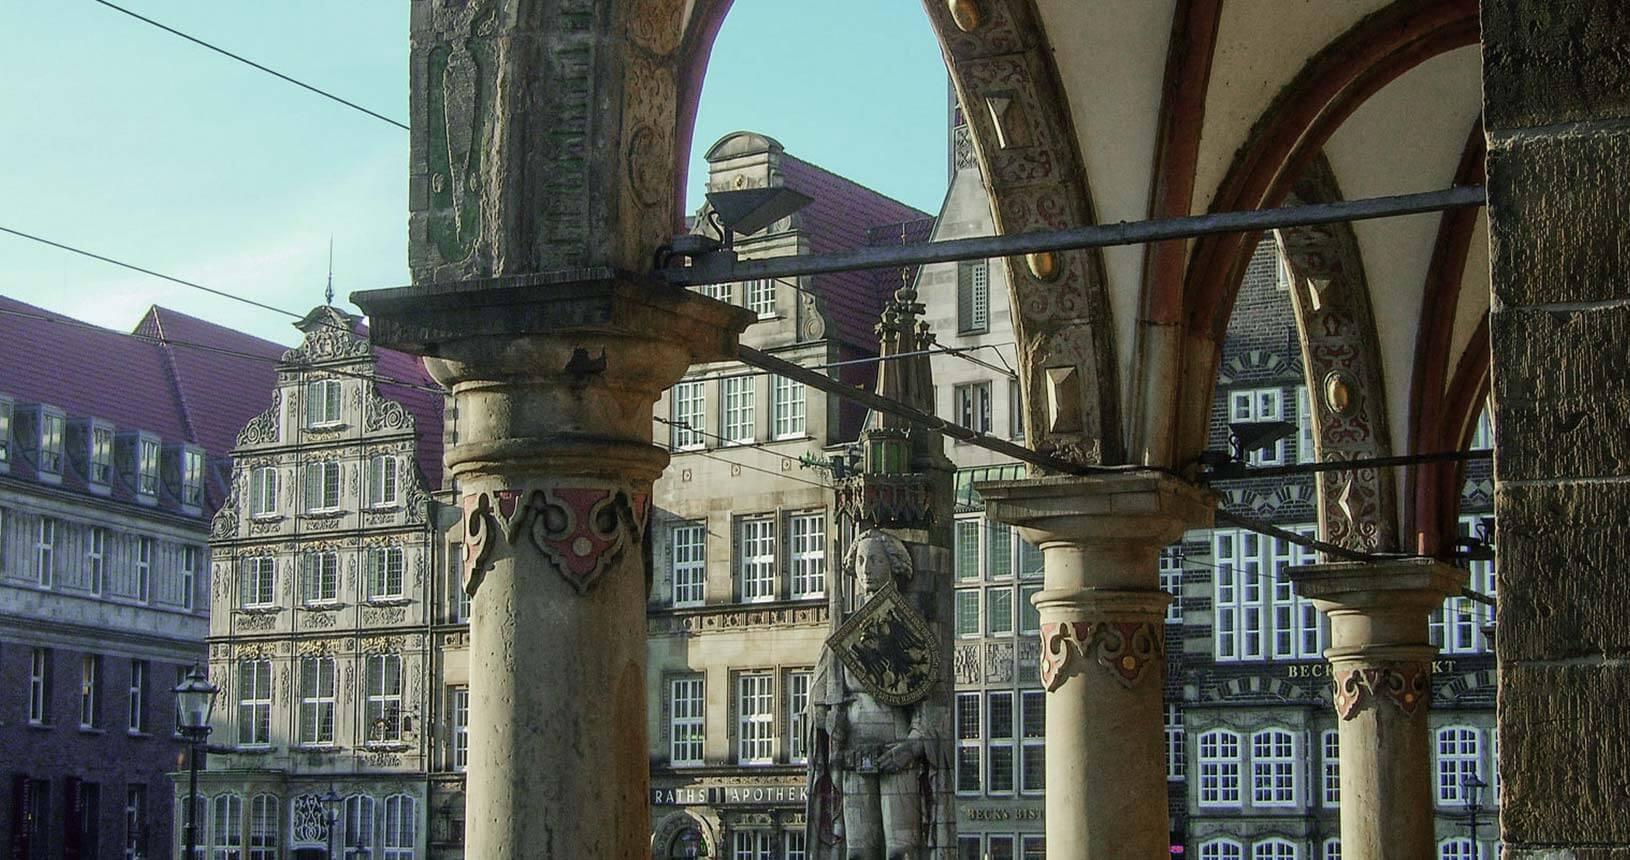 Blick aus den Rathausarkaden auf die Roland-Statue und die wieder aufgebauten historischen Häuser